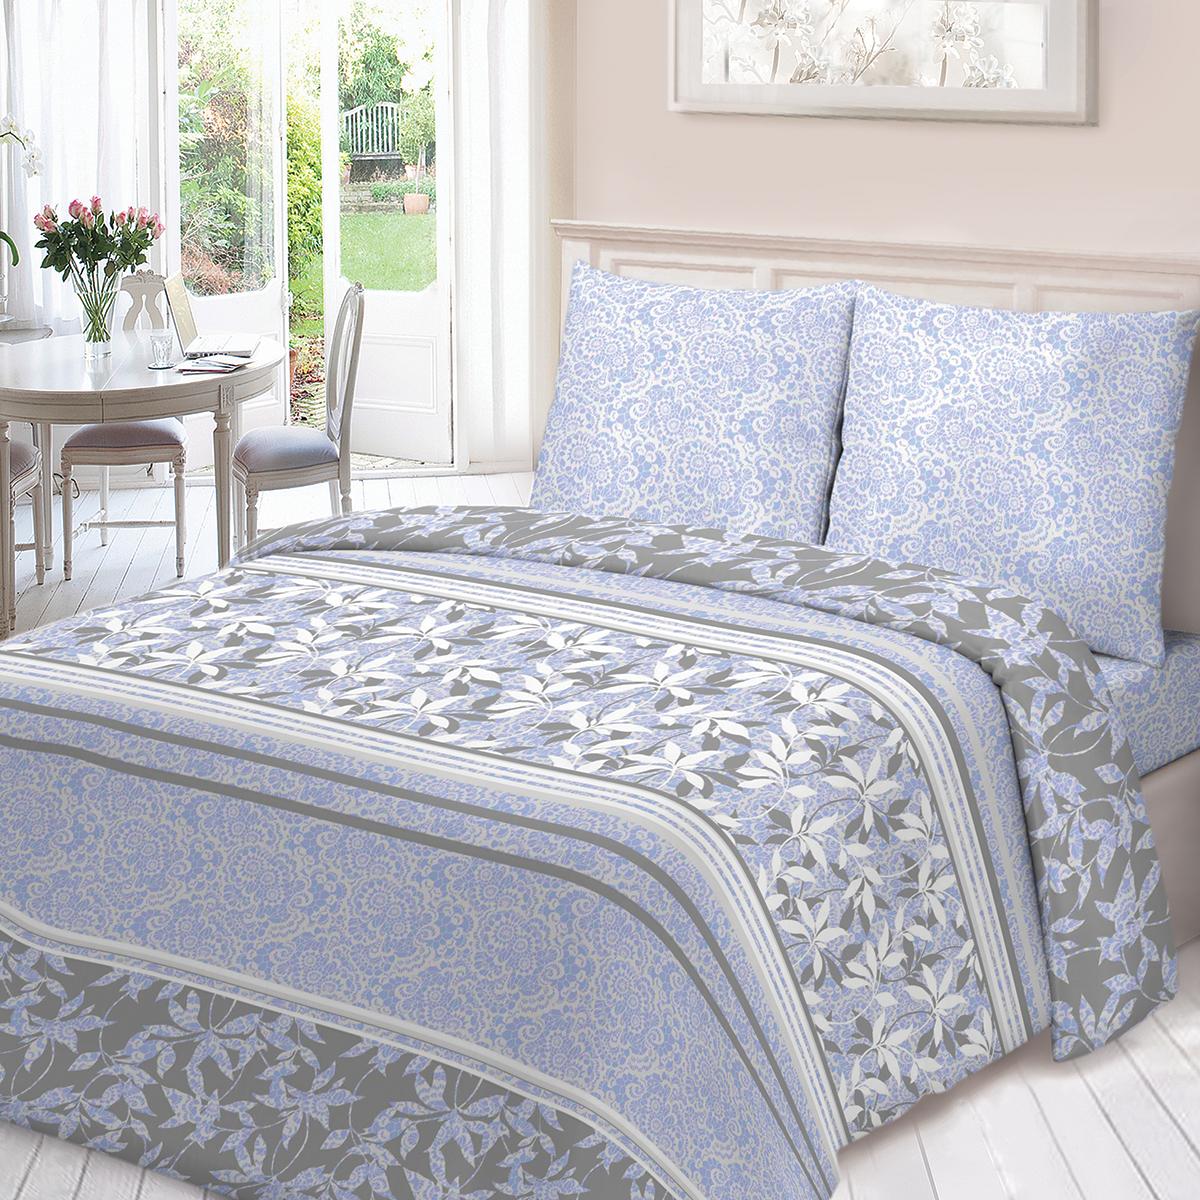 """Комплект белья Для Снов """"Адиссон"""", 2-спальный, наволочки 70х70, цвет: голубой"""